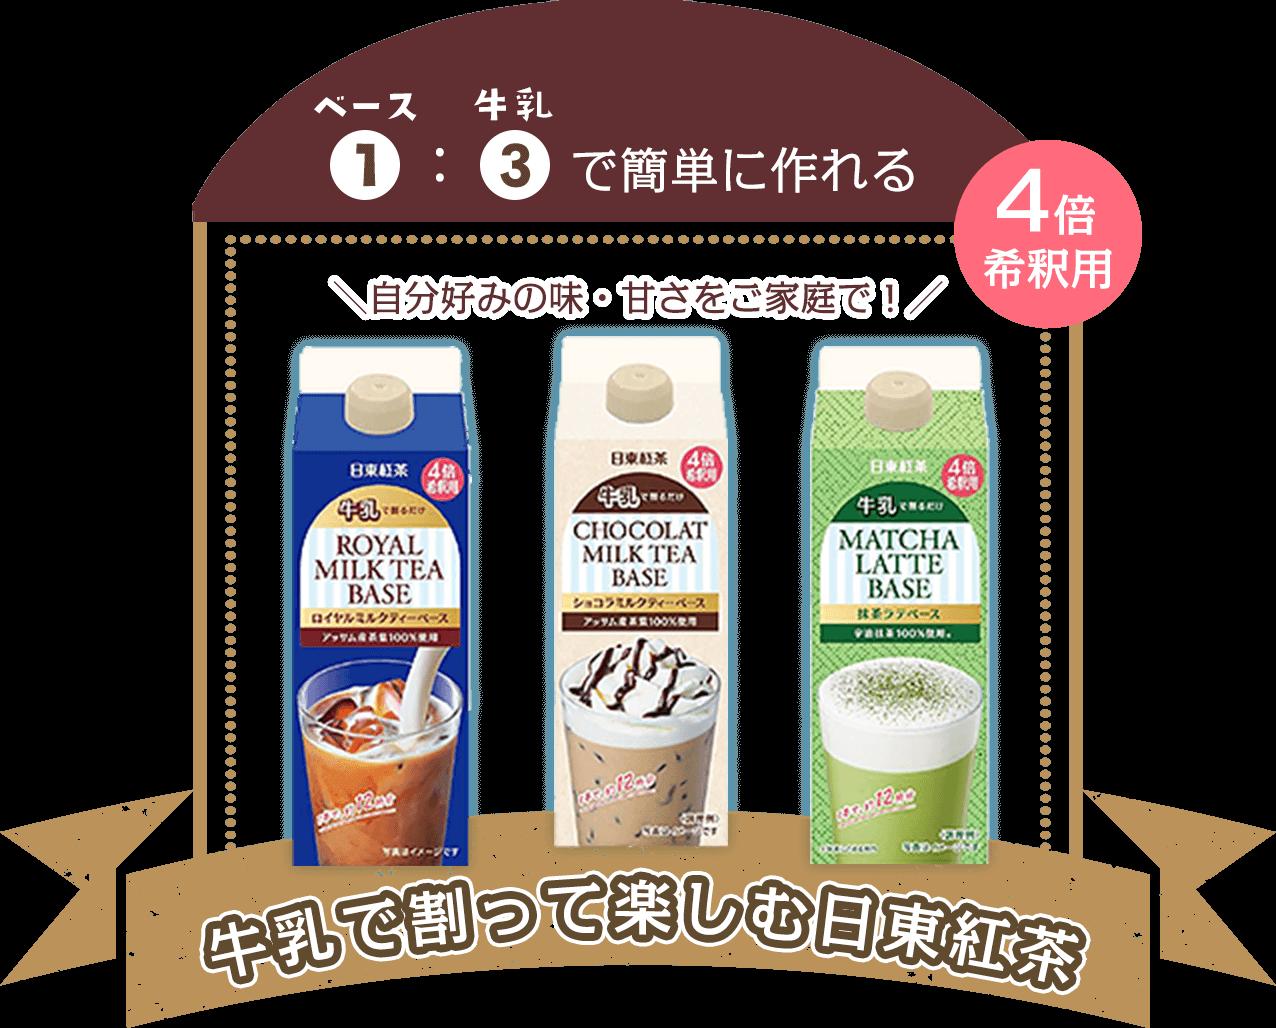 ベース1:牛乳3で簡単に作れる 自分好みの味・甘さで! 牛乳で割って楽しむ日東紅茶 4倍希釈用